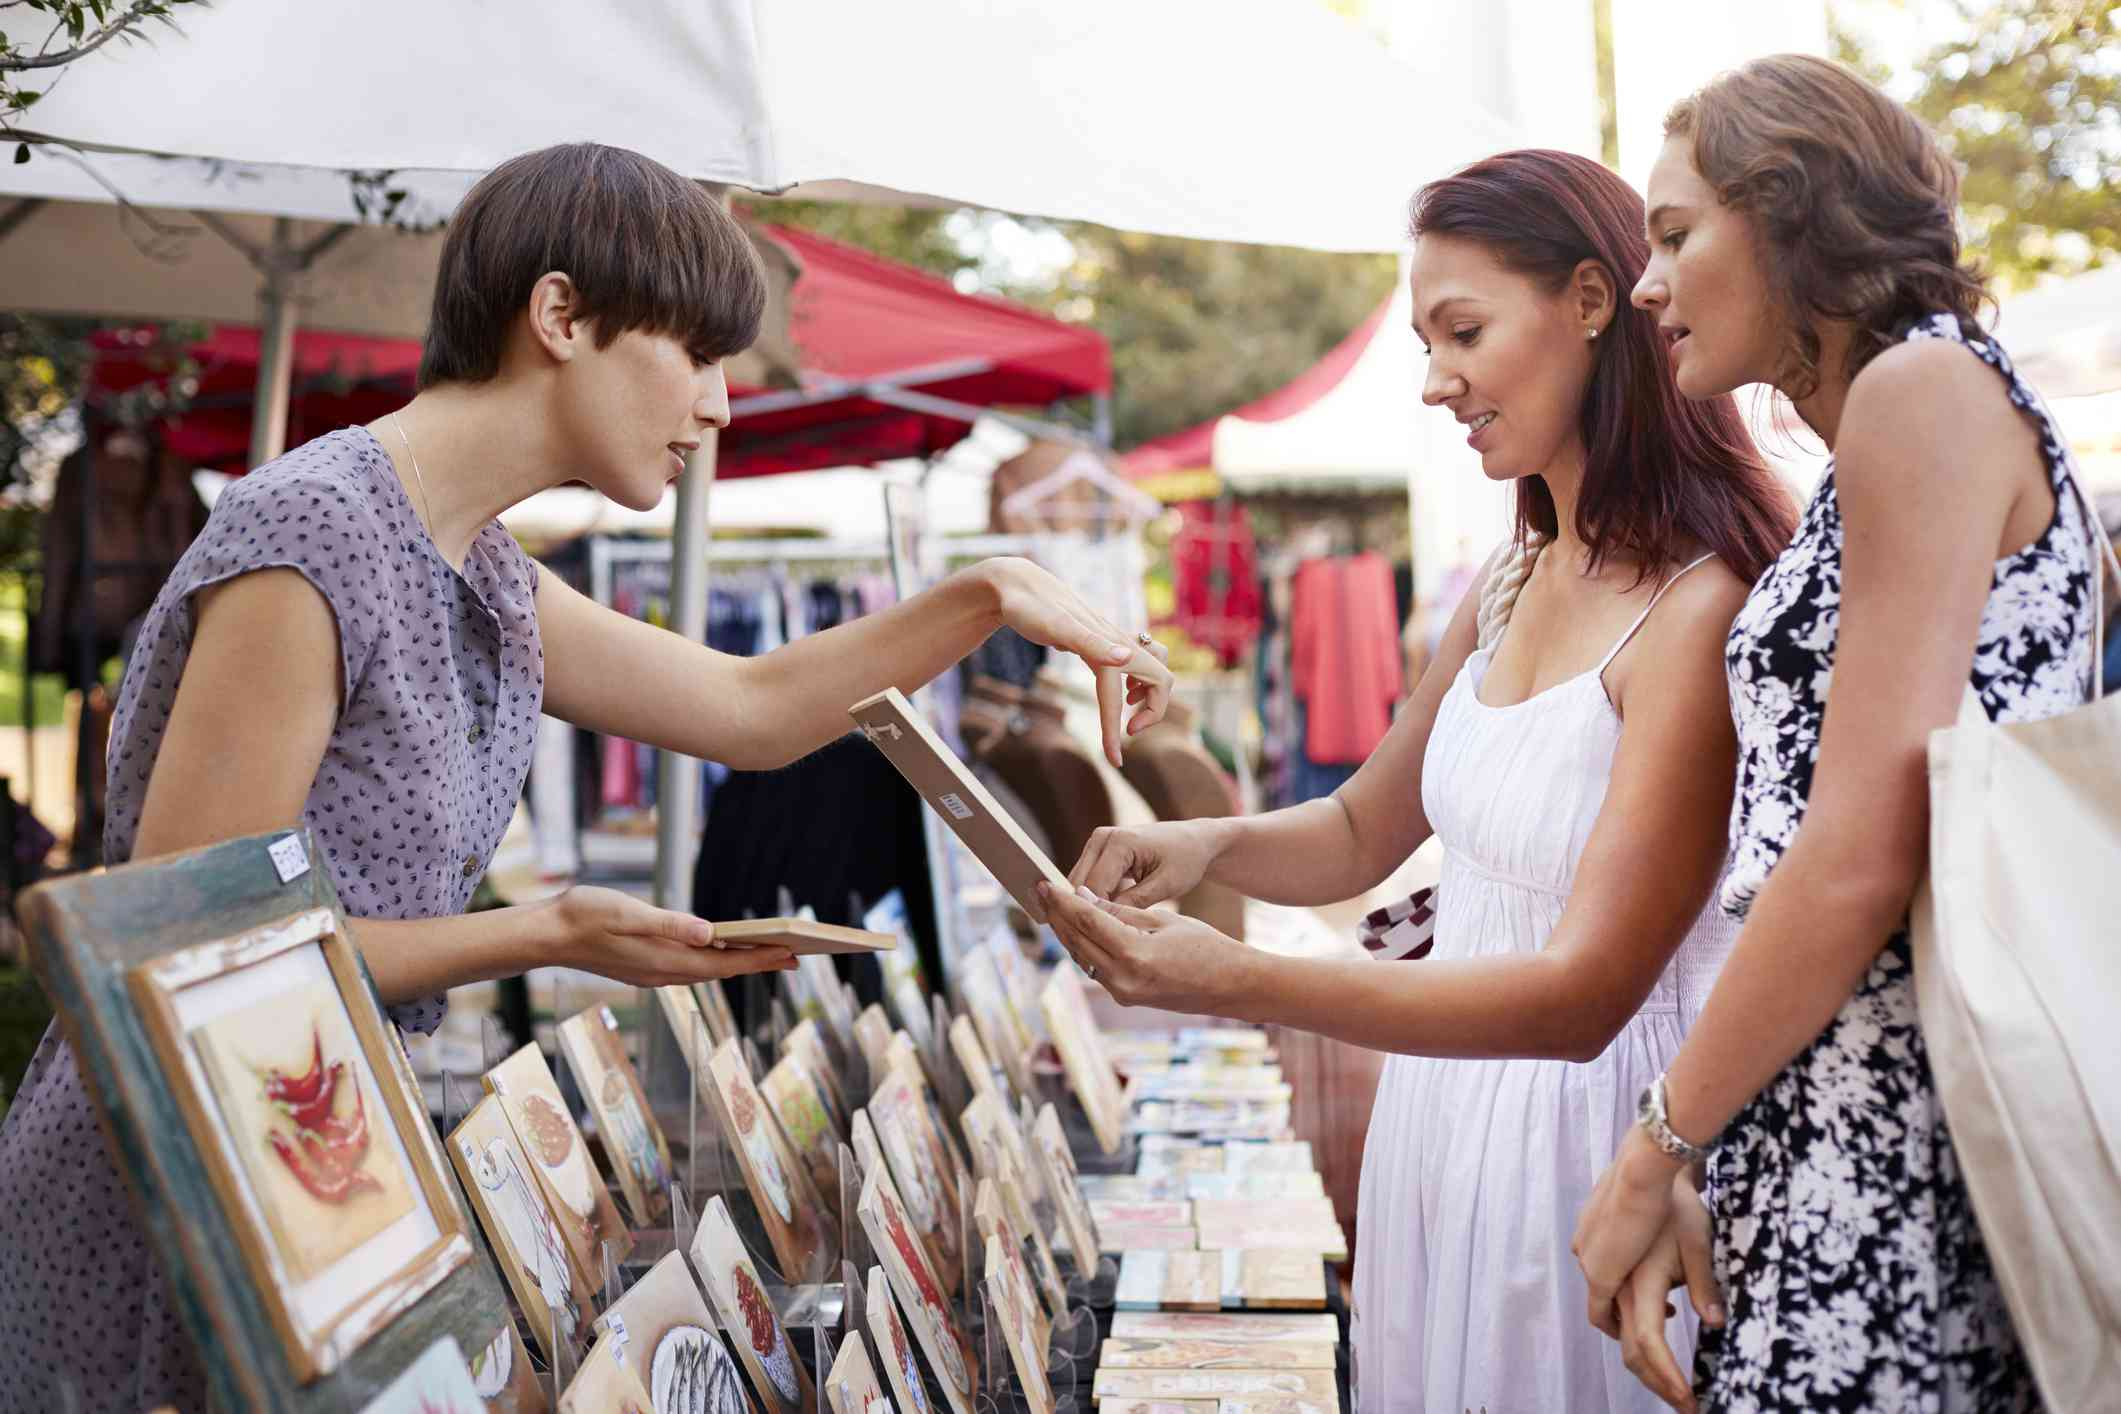 Mujeres comprando recuerdos en un mercado campestre, Sudáfrica